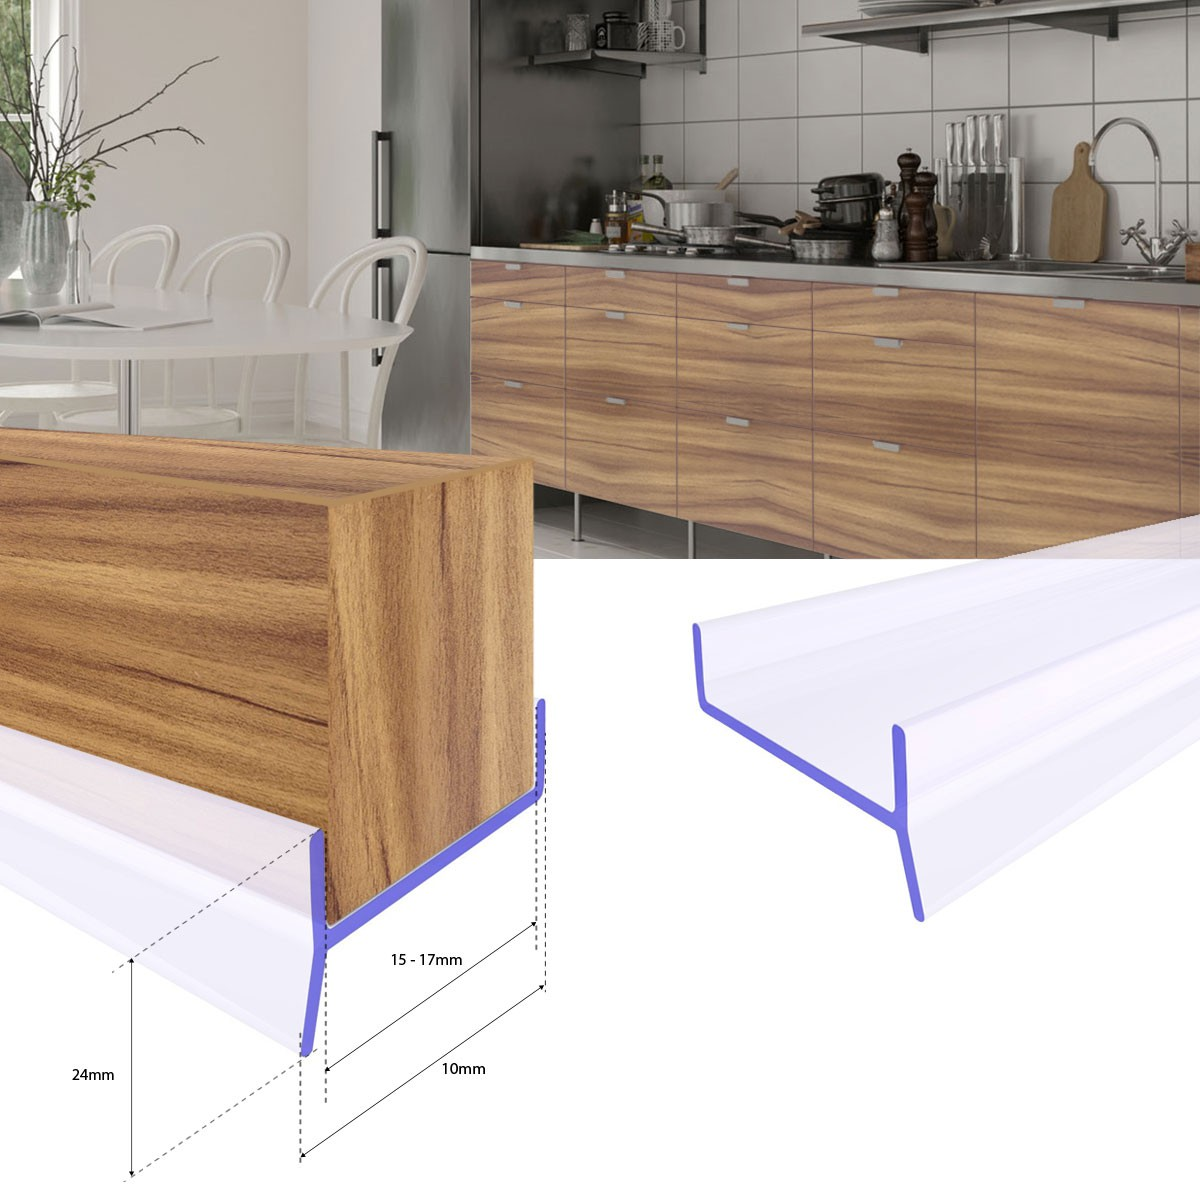 Küchensockel Abdichtungsprofil 15-19mm Sockel Dichtung erneuern 1 ...